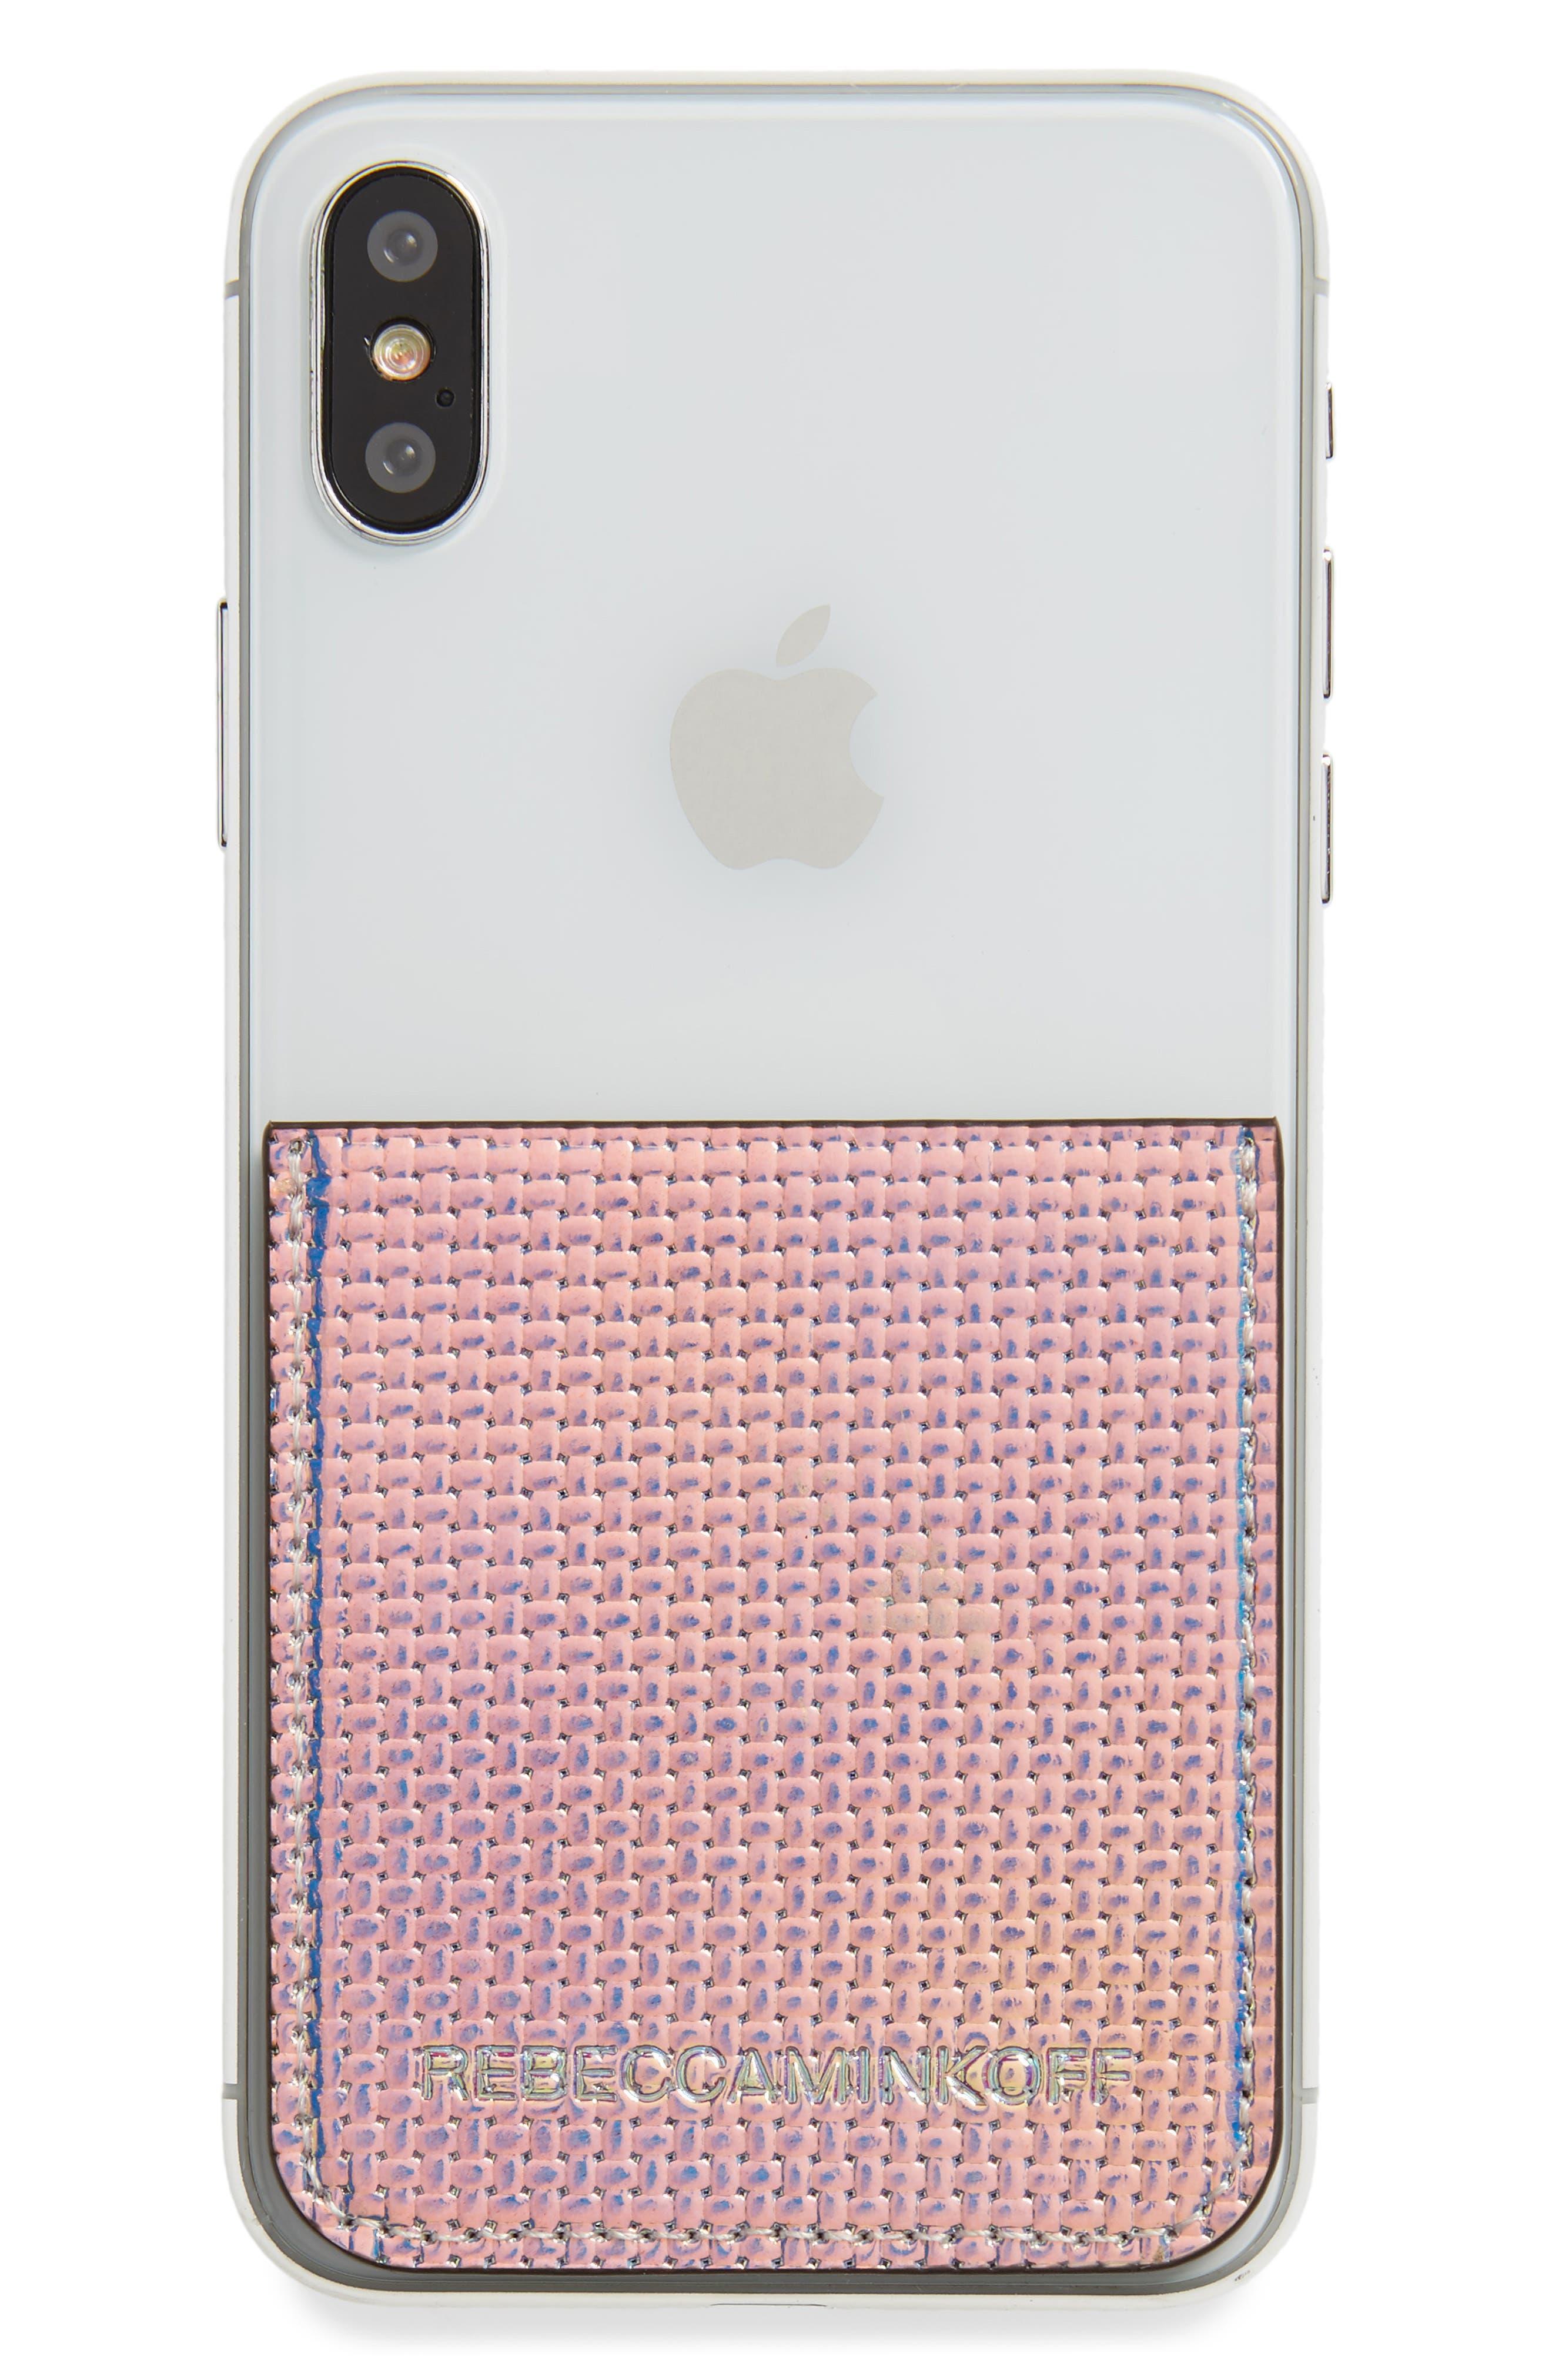 Adhesive Phone Sticker Pocket,                             Main thumbnail 1, color,